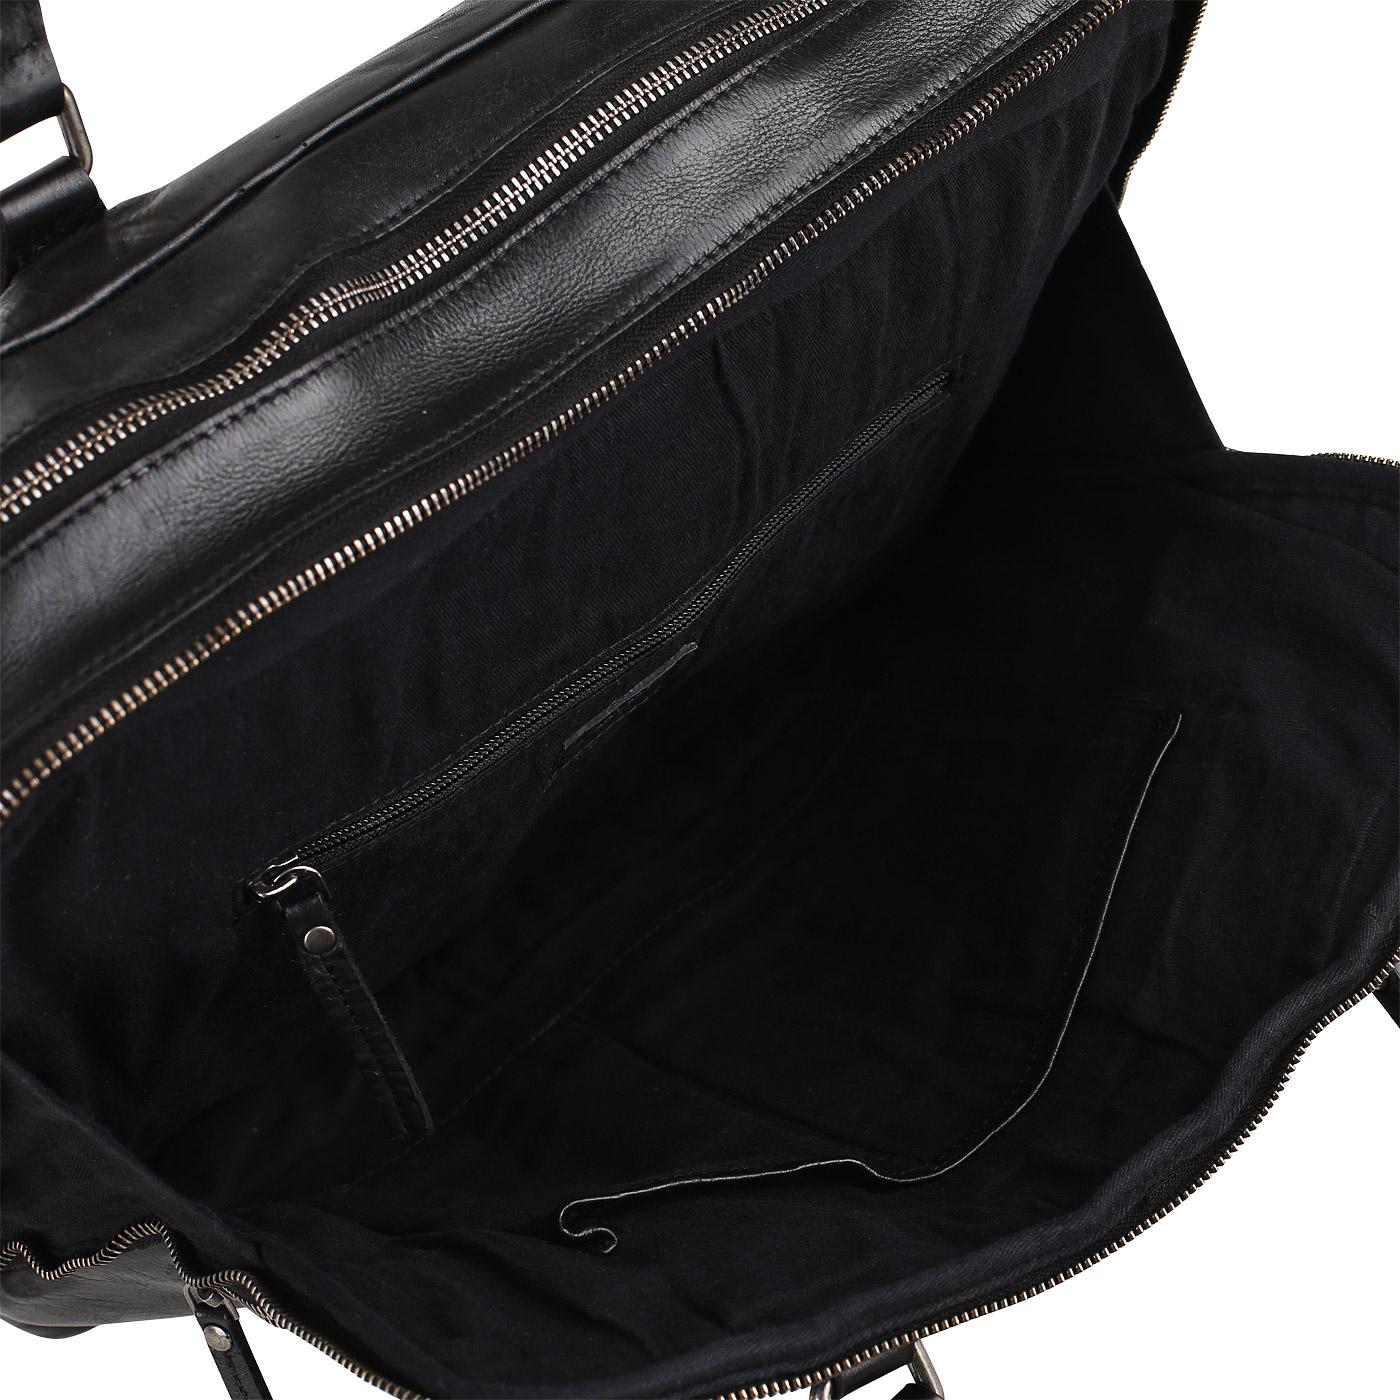 Др. Коффер M402743-249-04 сумка для документов 31,5х37,5х9см